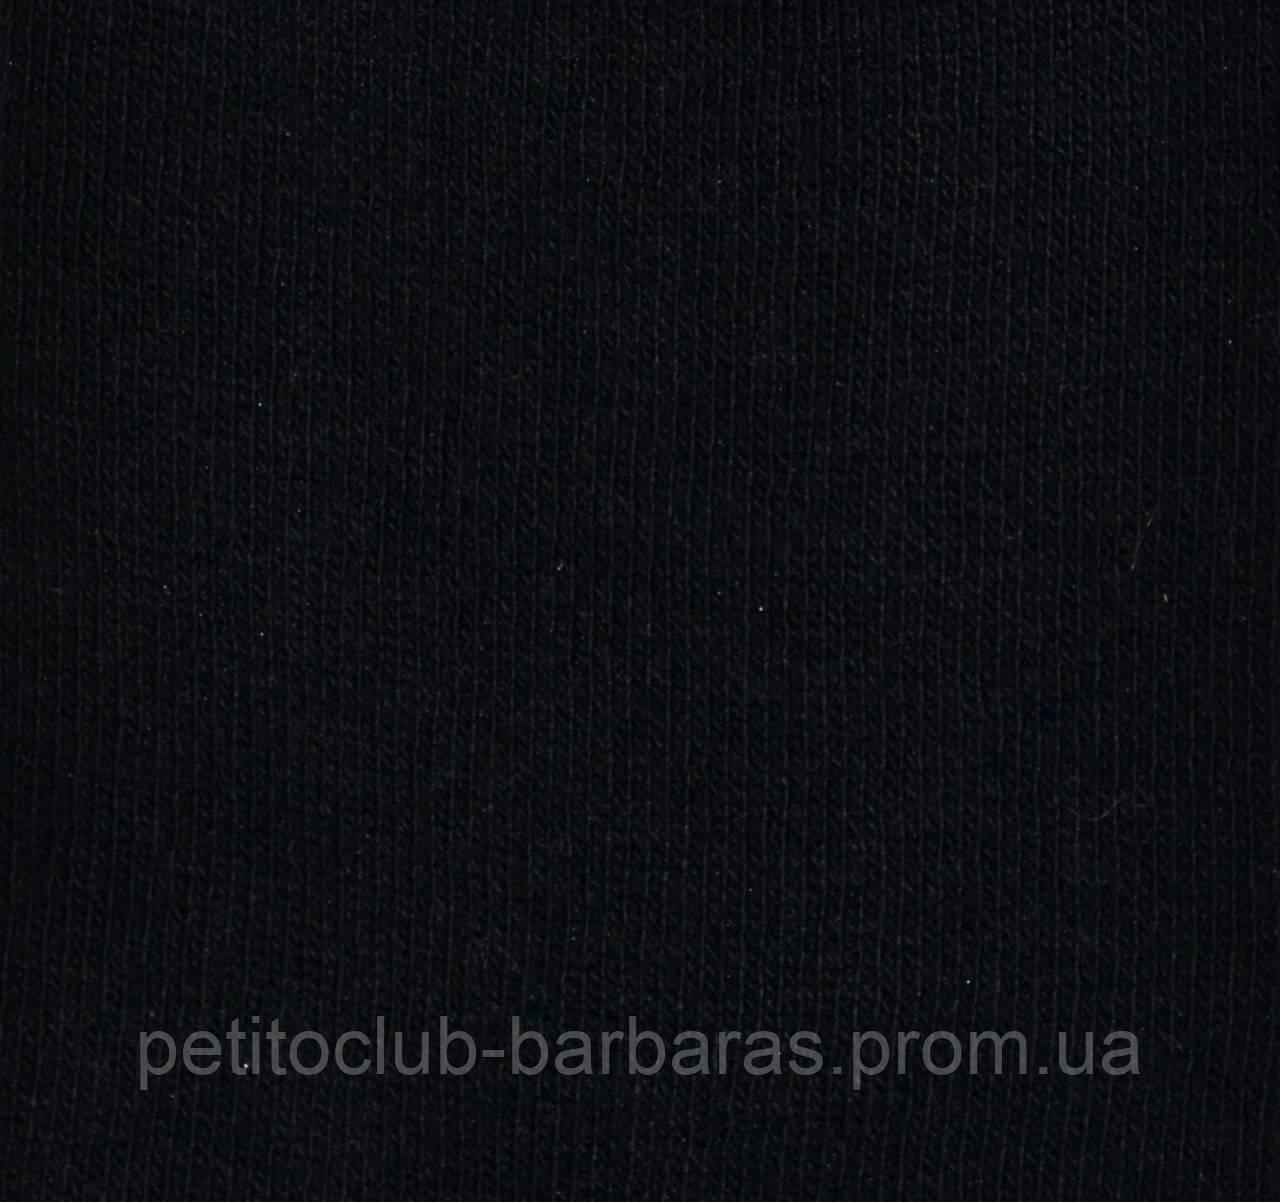 Детские хлопковые носки черные р. 27-29 (Oztas, Турция)